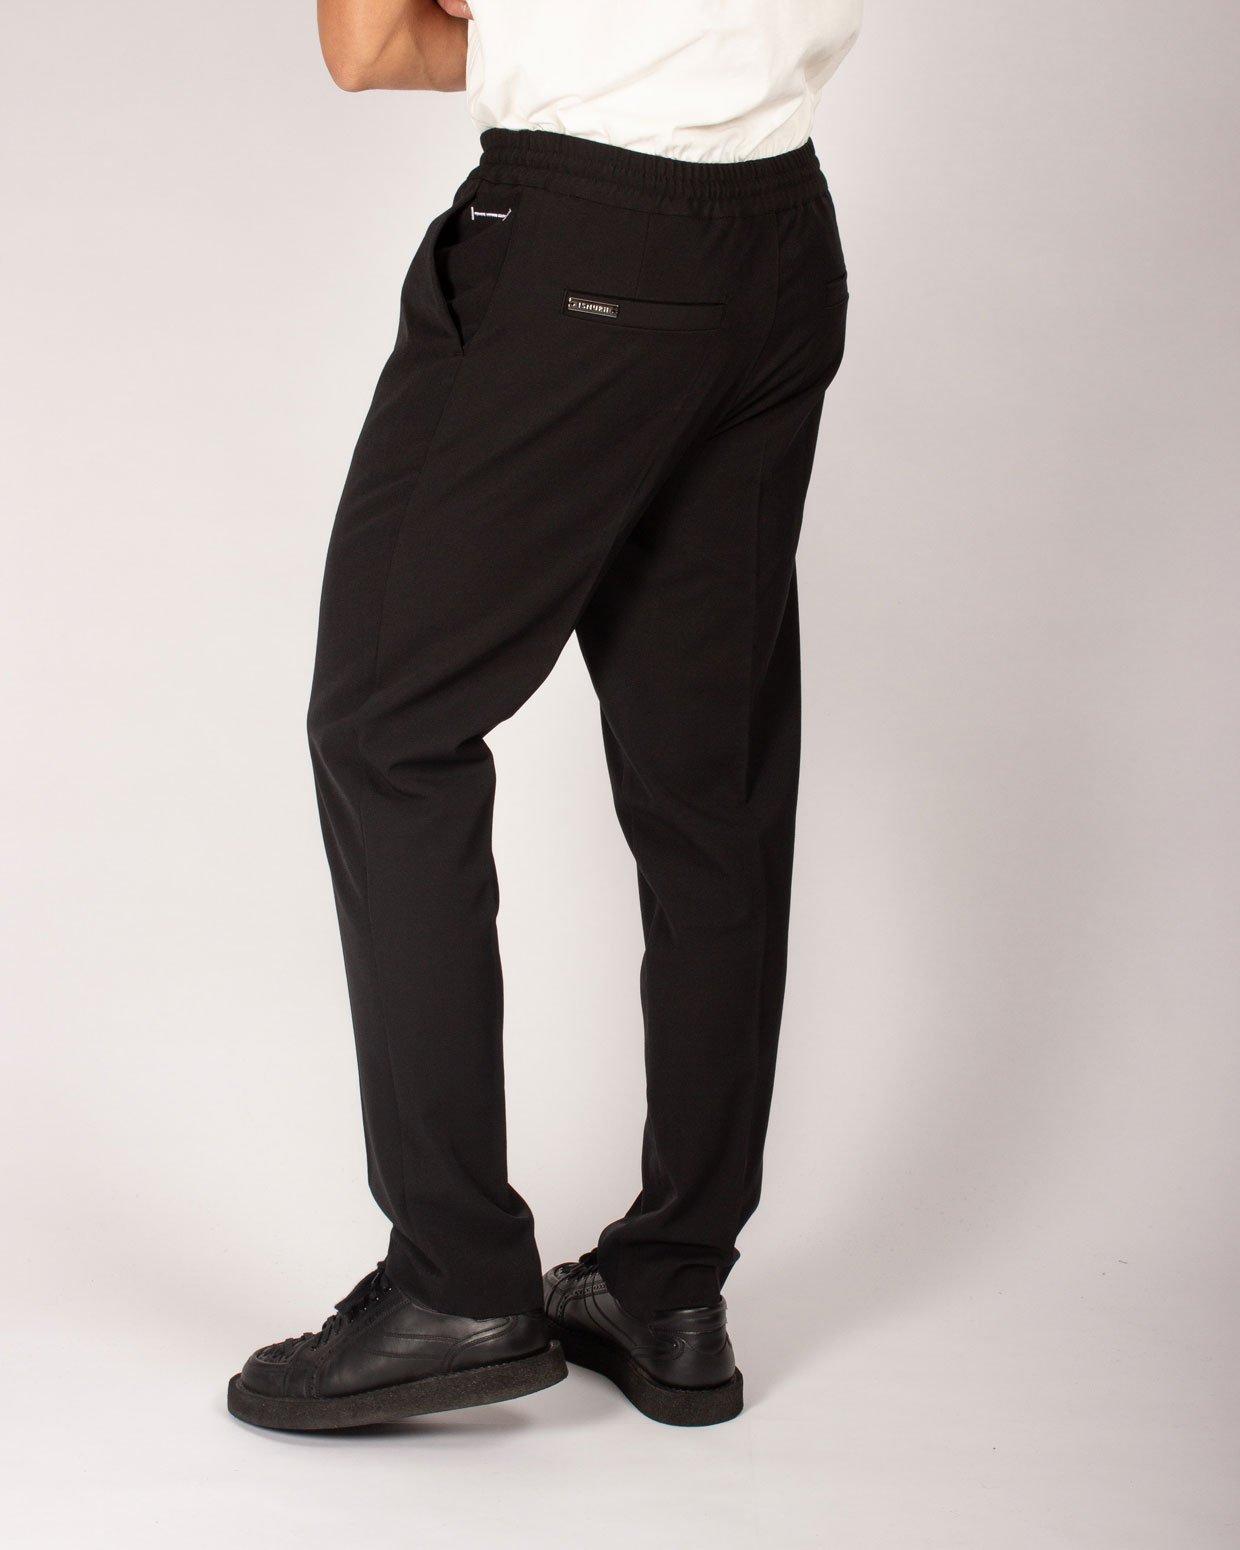 ISNURH Hybrid Bukser, Sort, S